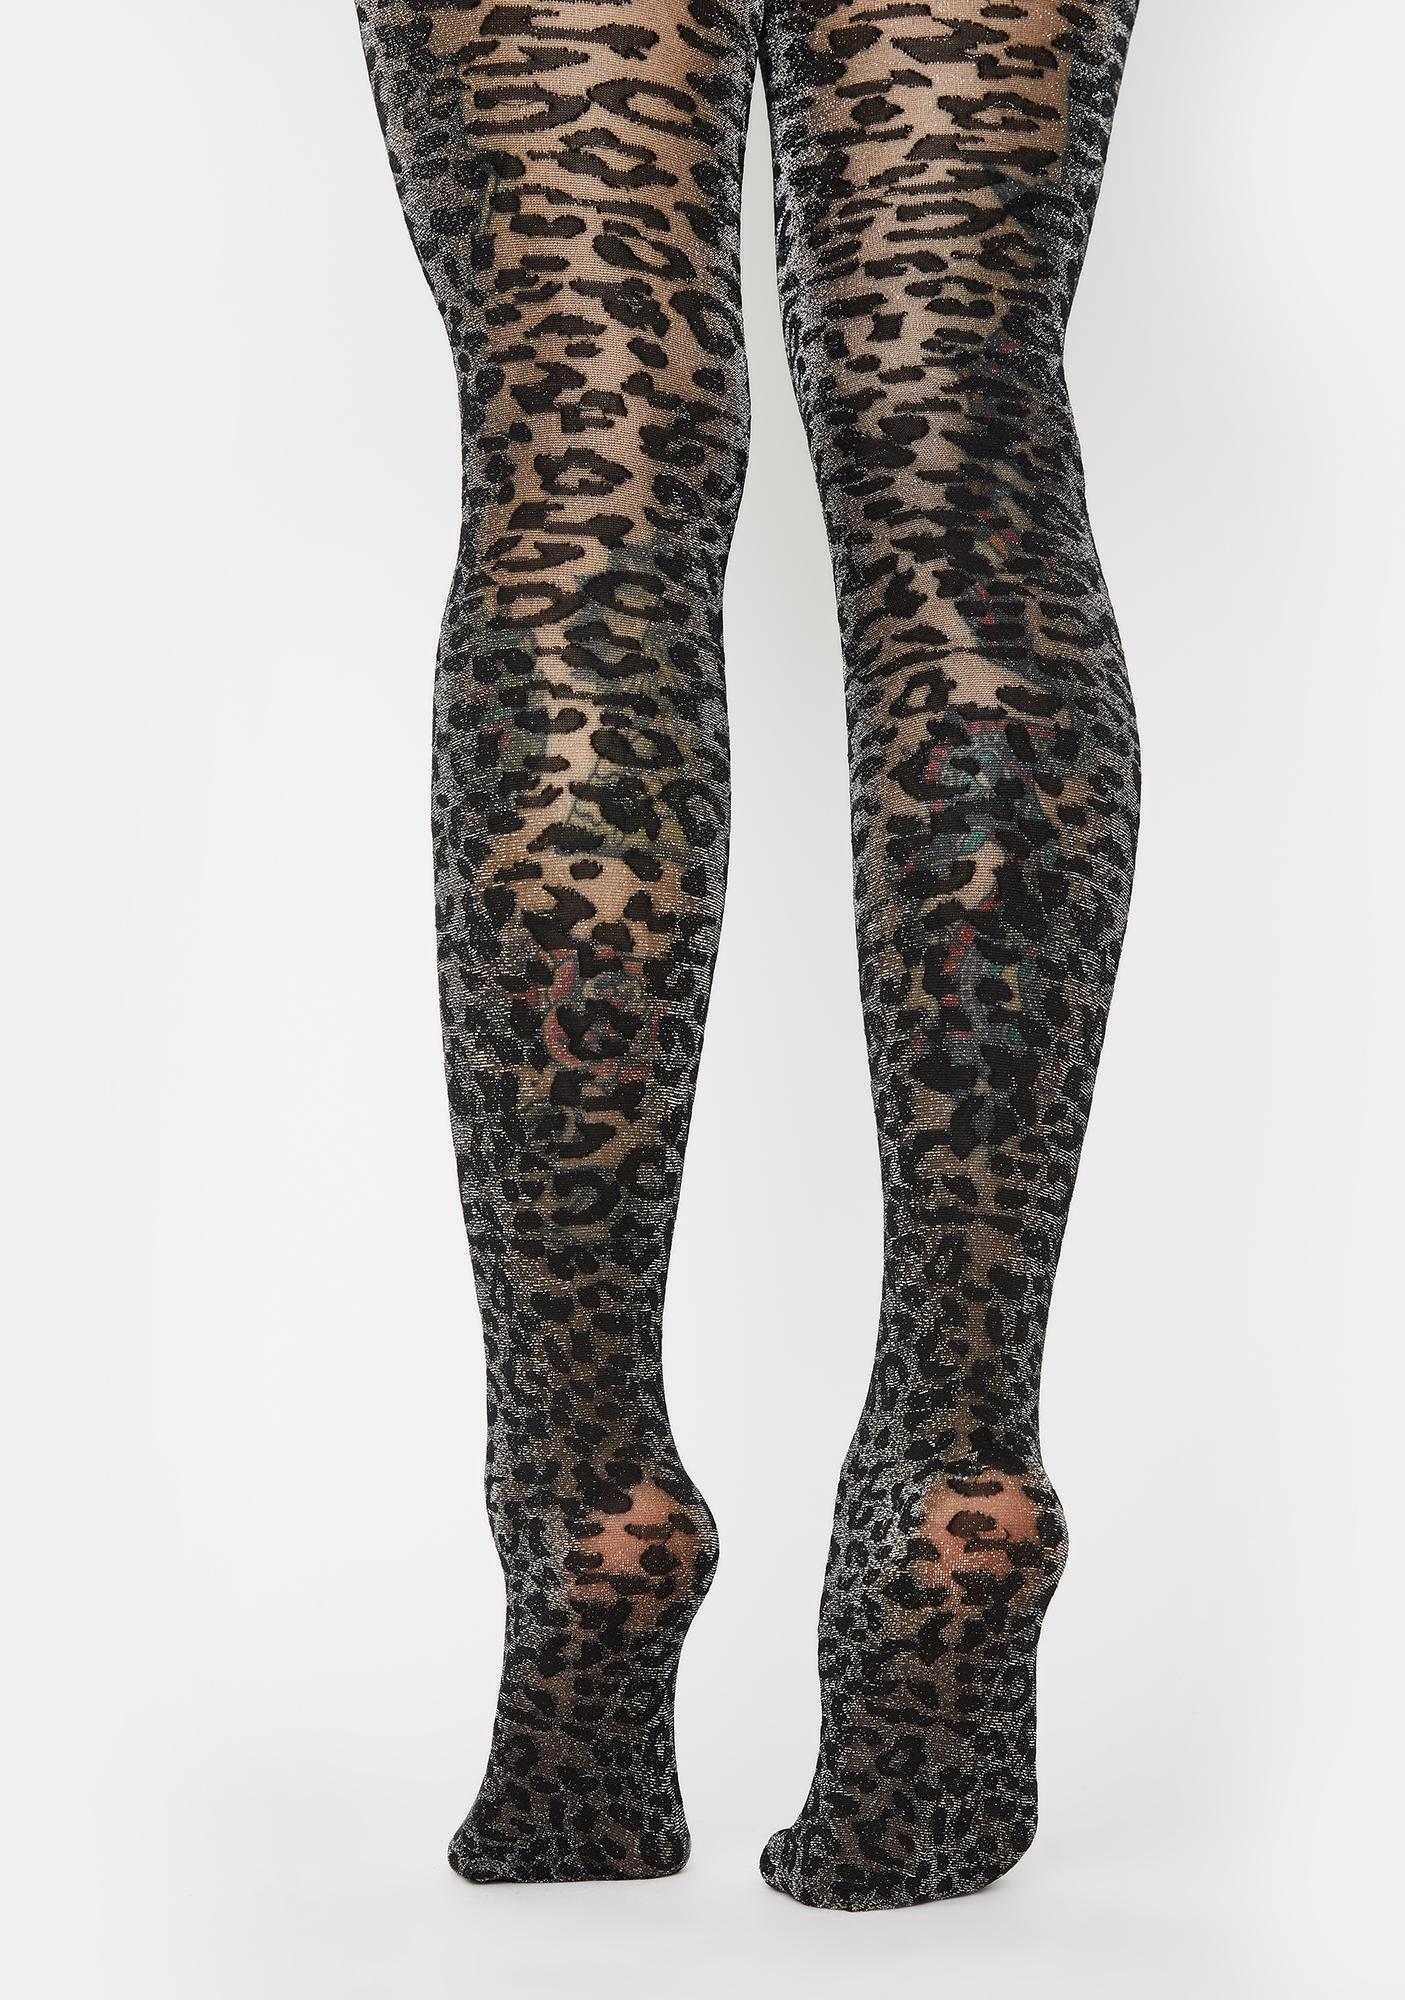 MeMoi Leopard Shimmer Sheer Tights